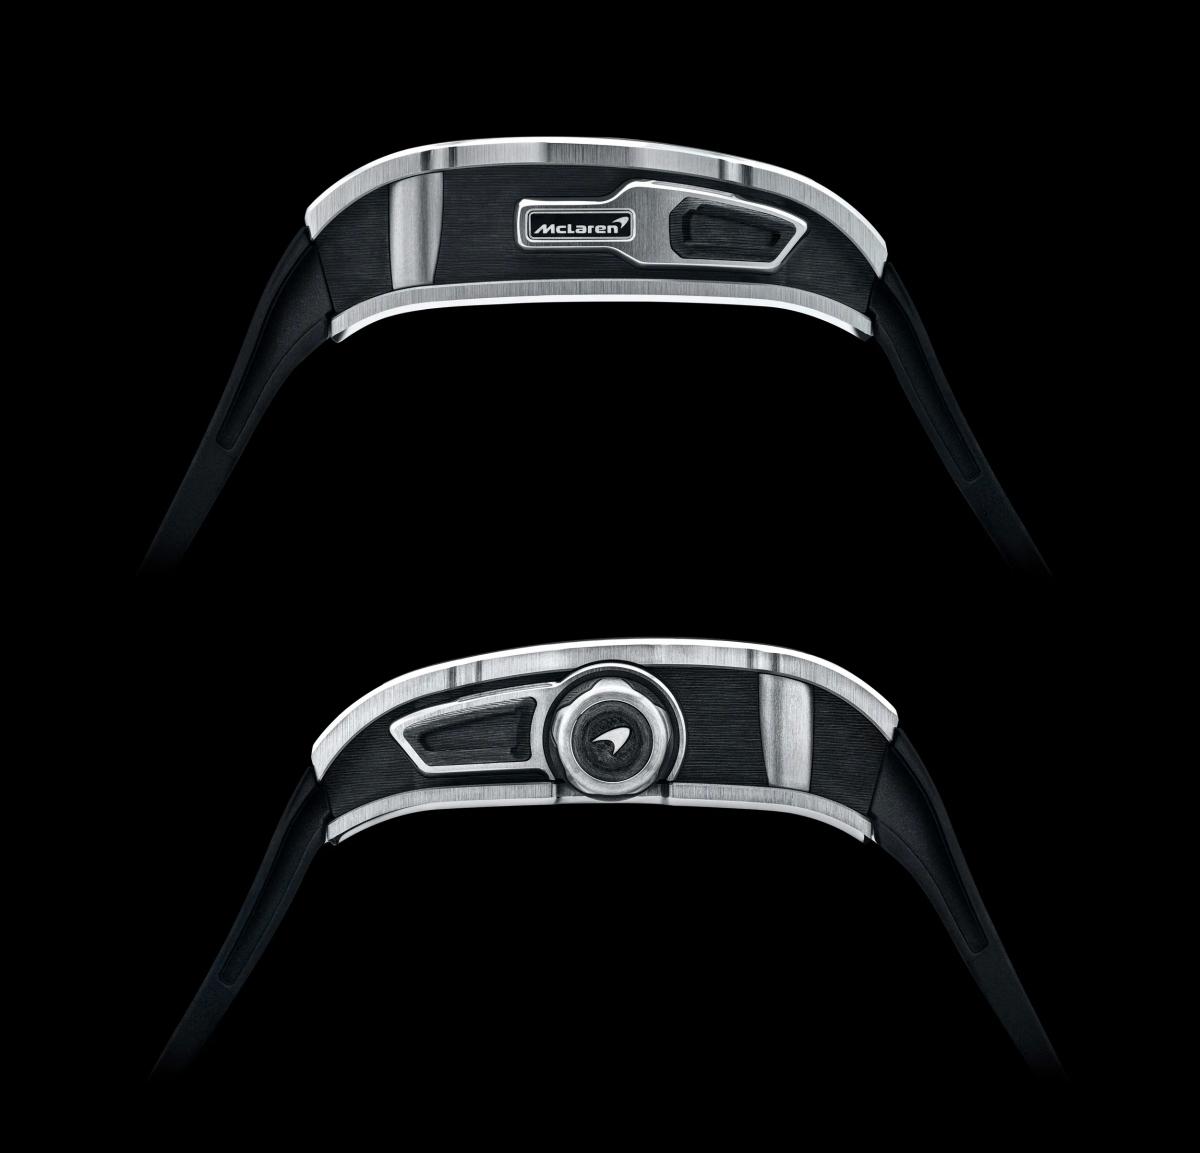 """Julien Boillat – Giám đốc kỹ thuật của Richard Mille chia sẻ: """"Chiếc đồng hồ này là một trong những chiếc đồng hồ có độ hoàn thiện cao nhất được sản xuất tại Richard Mille. Sự tỉ mỉ đến từng chi tiết, những hiệu ứng bóng gương, phẳng và satin hóa ở những khu vực khác nhau và kết hợp sử dụng titan và carbon TPT. Riêng phần vỏ đã được làm từ 69 bộ phận khác nhau""""."""